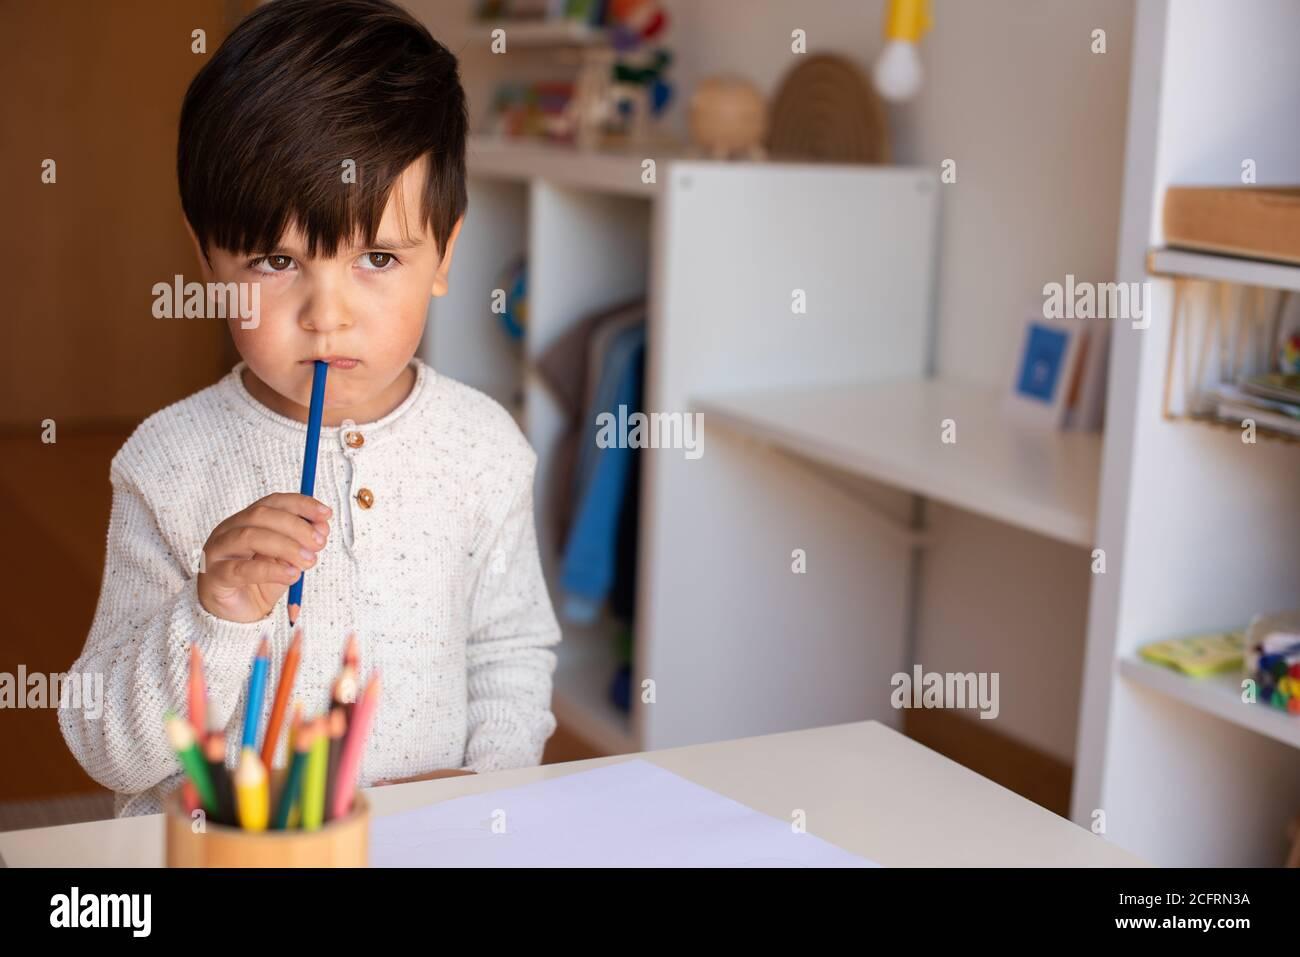 Petit dessin enfant de pré-chooler avec crayons de couleur. Homeschooling. Communauté d'apprentissage. École Montessori. Banque D'Images